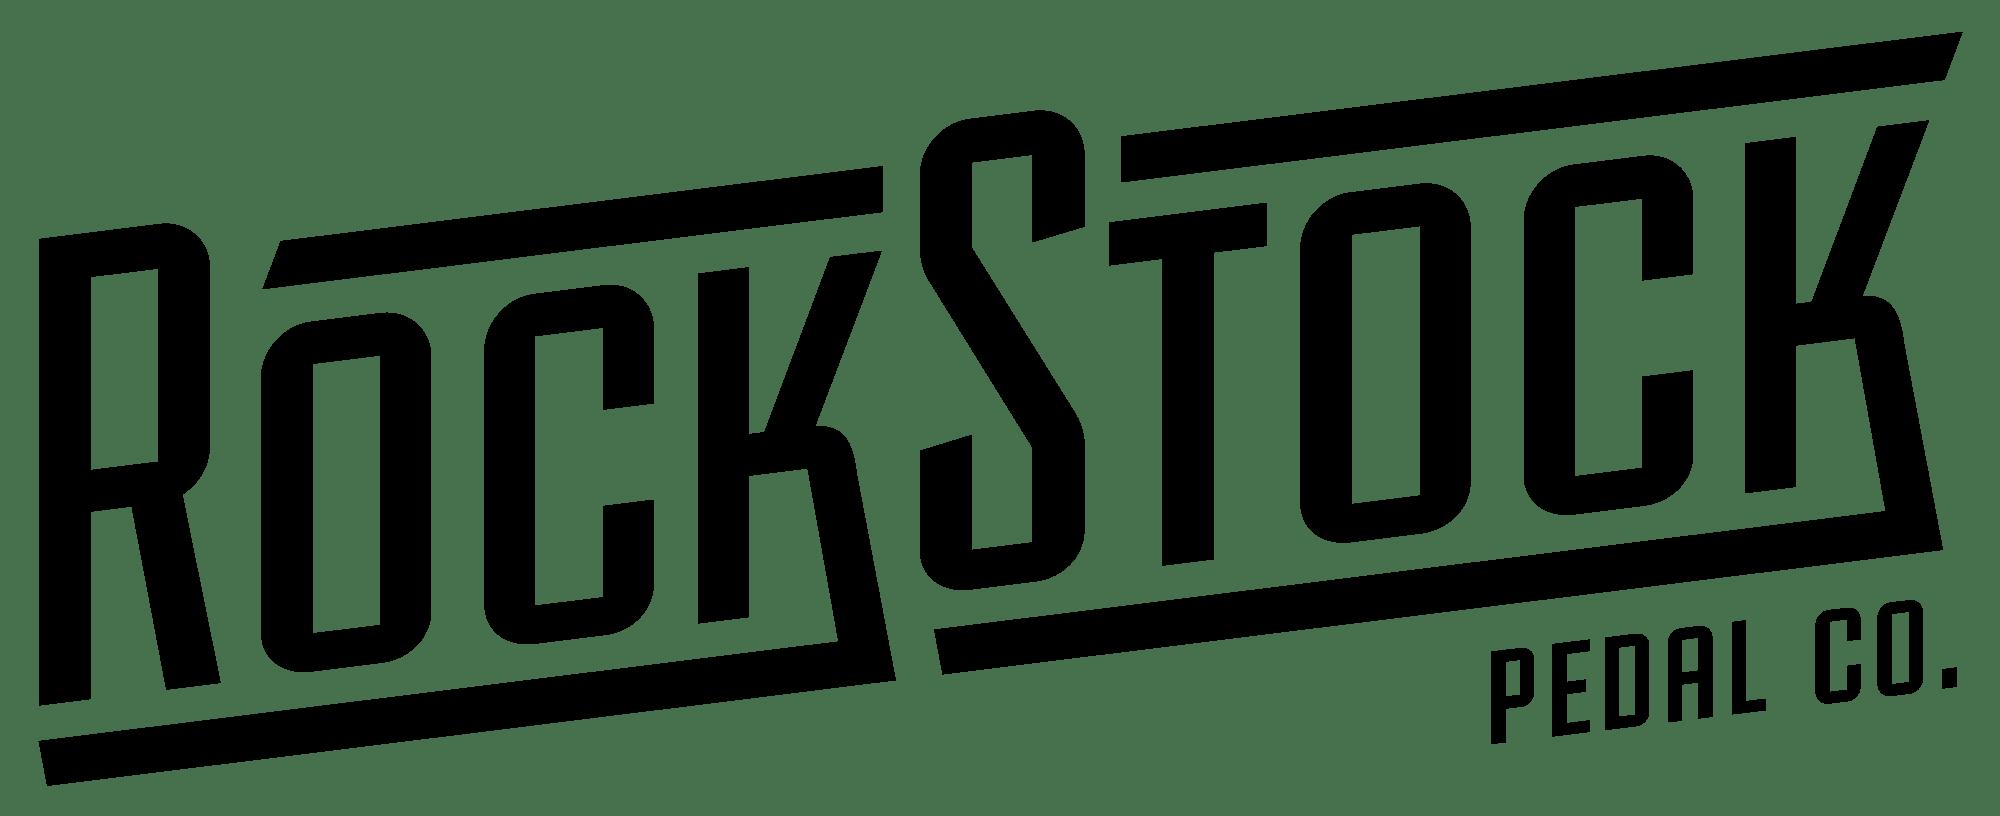 RSP-logo-black